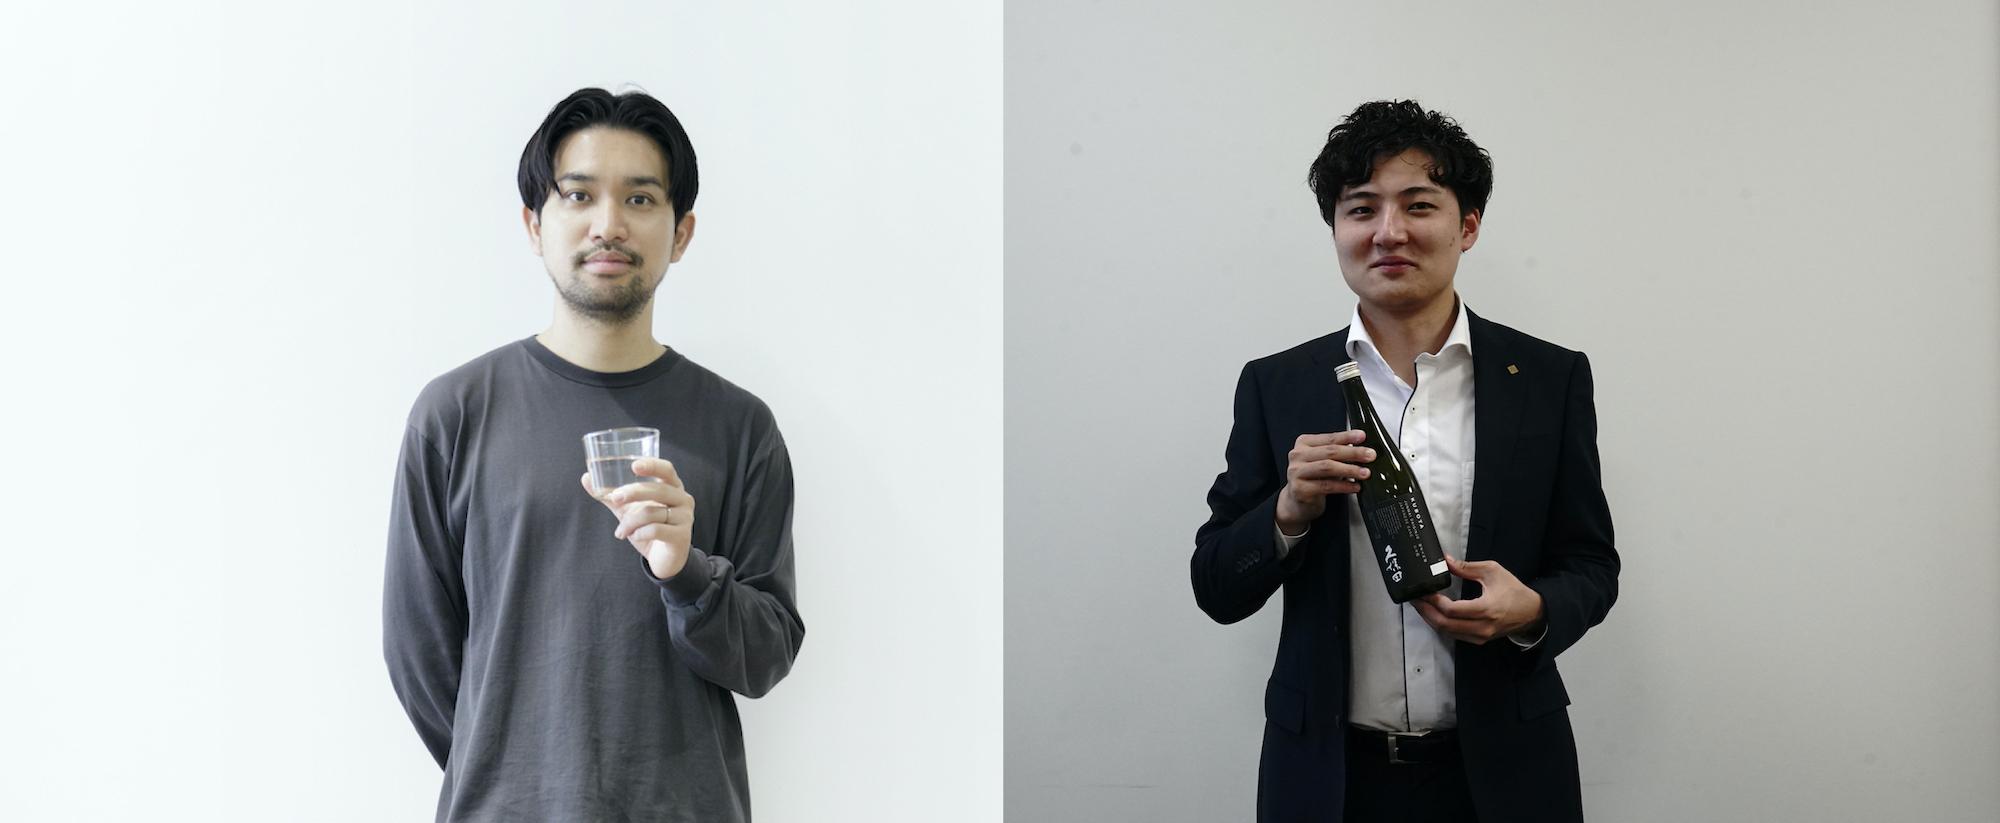 人気ビストロオーナー×企画担当者が舌戦!久保田 純米大吟醸NEWデザインと日本酒の未来